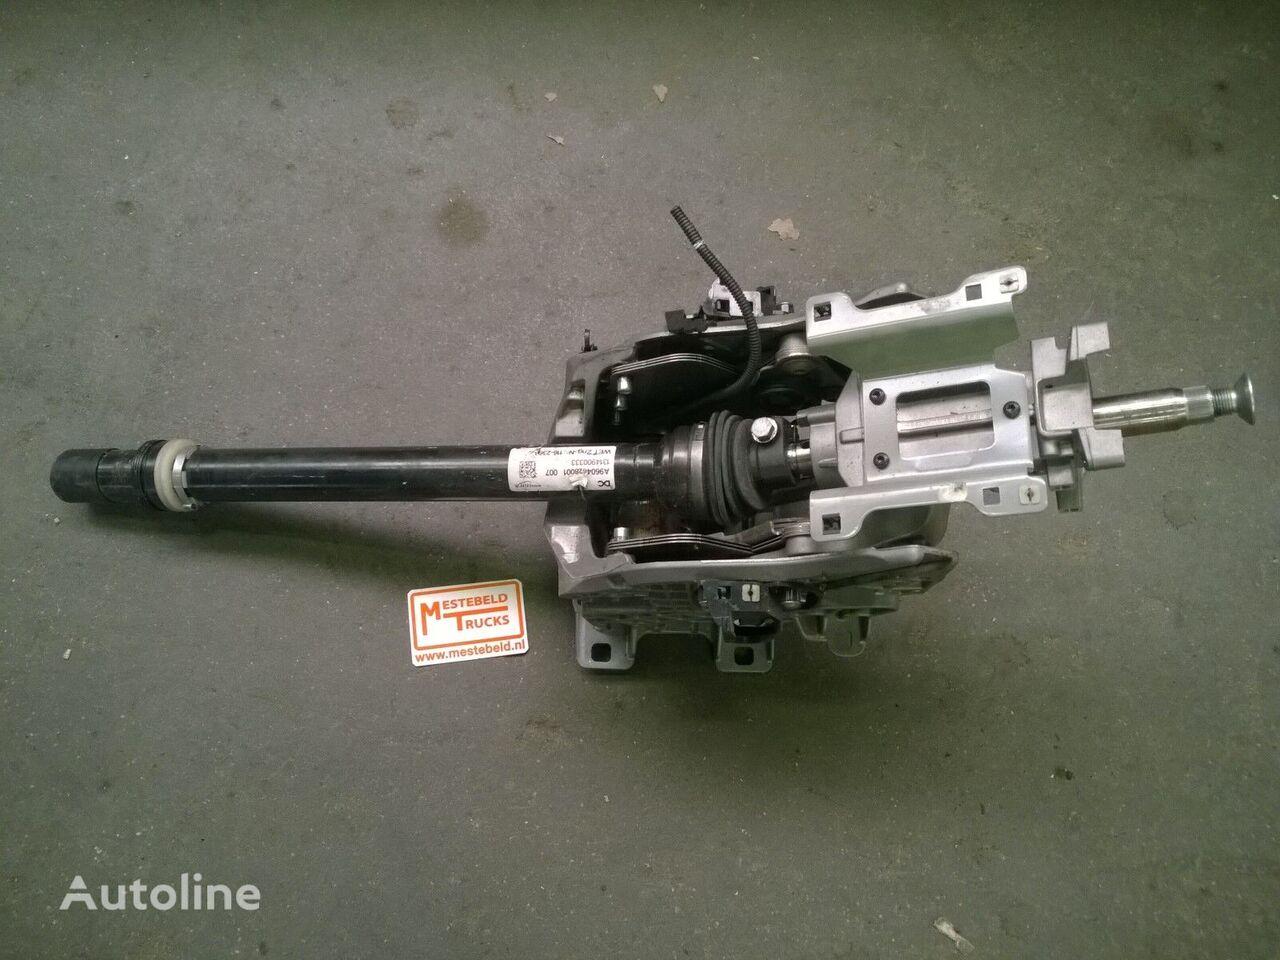 φορτηγό MERCEDES-BENZ Stuurkolom MP4 για σύστημα πηδαλιουχίας  Stuurkolom